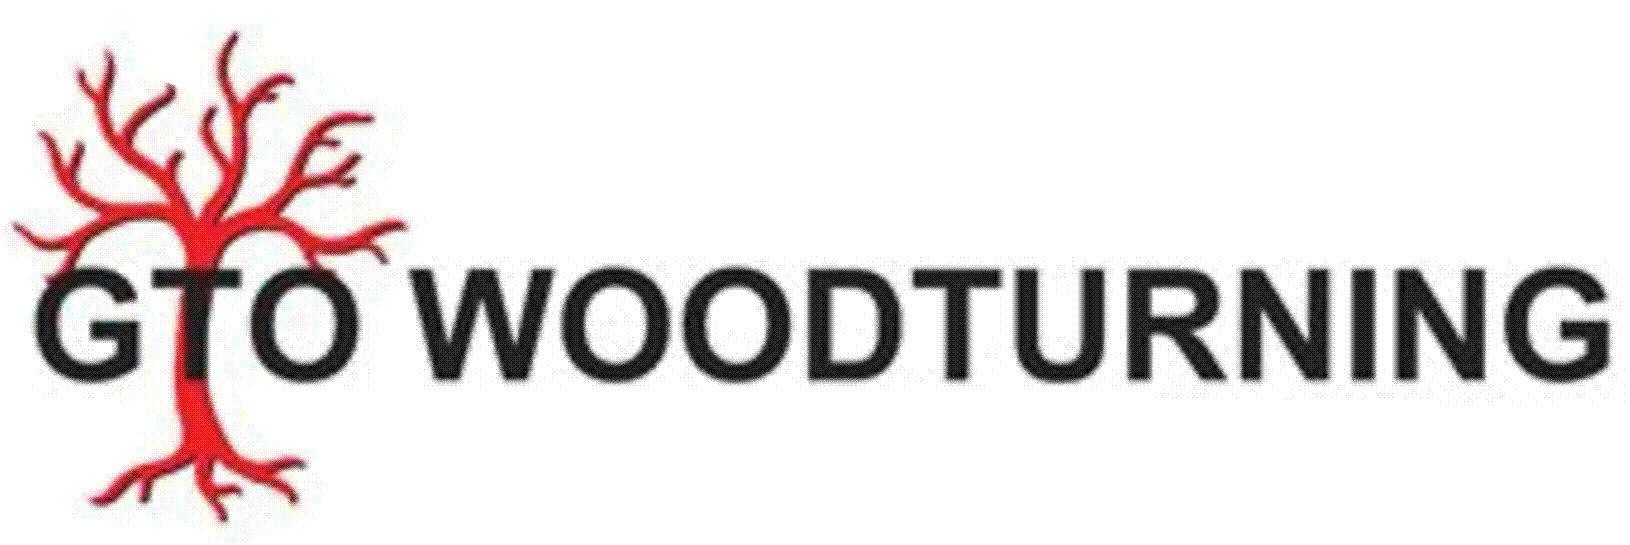 GTO Woodturning